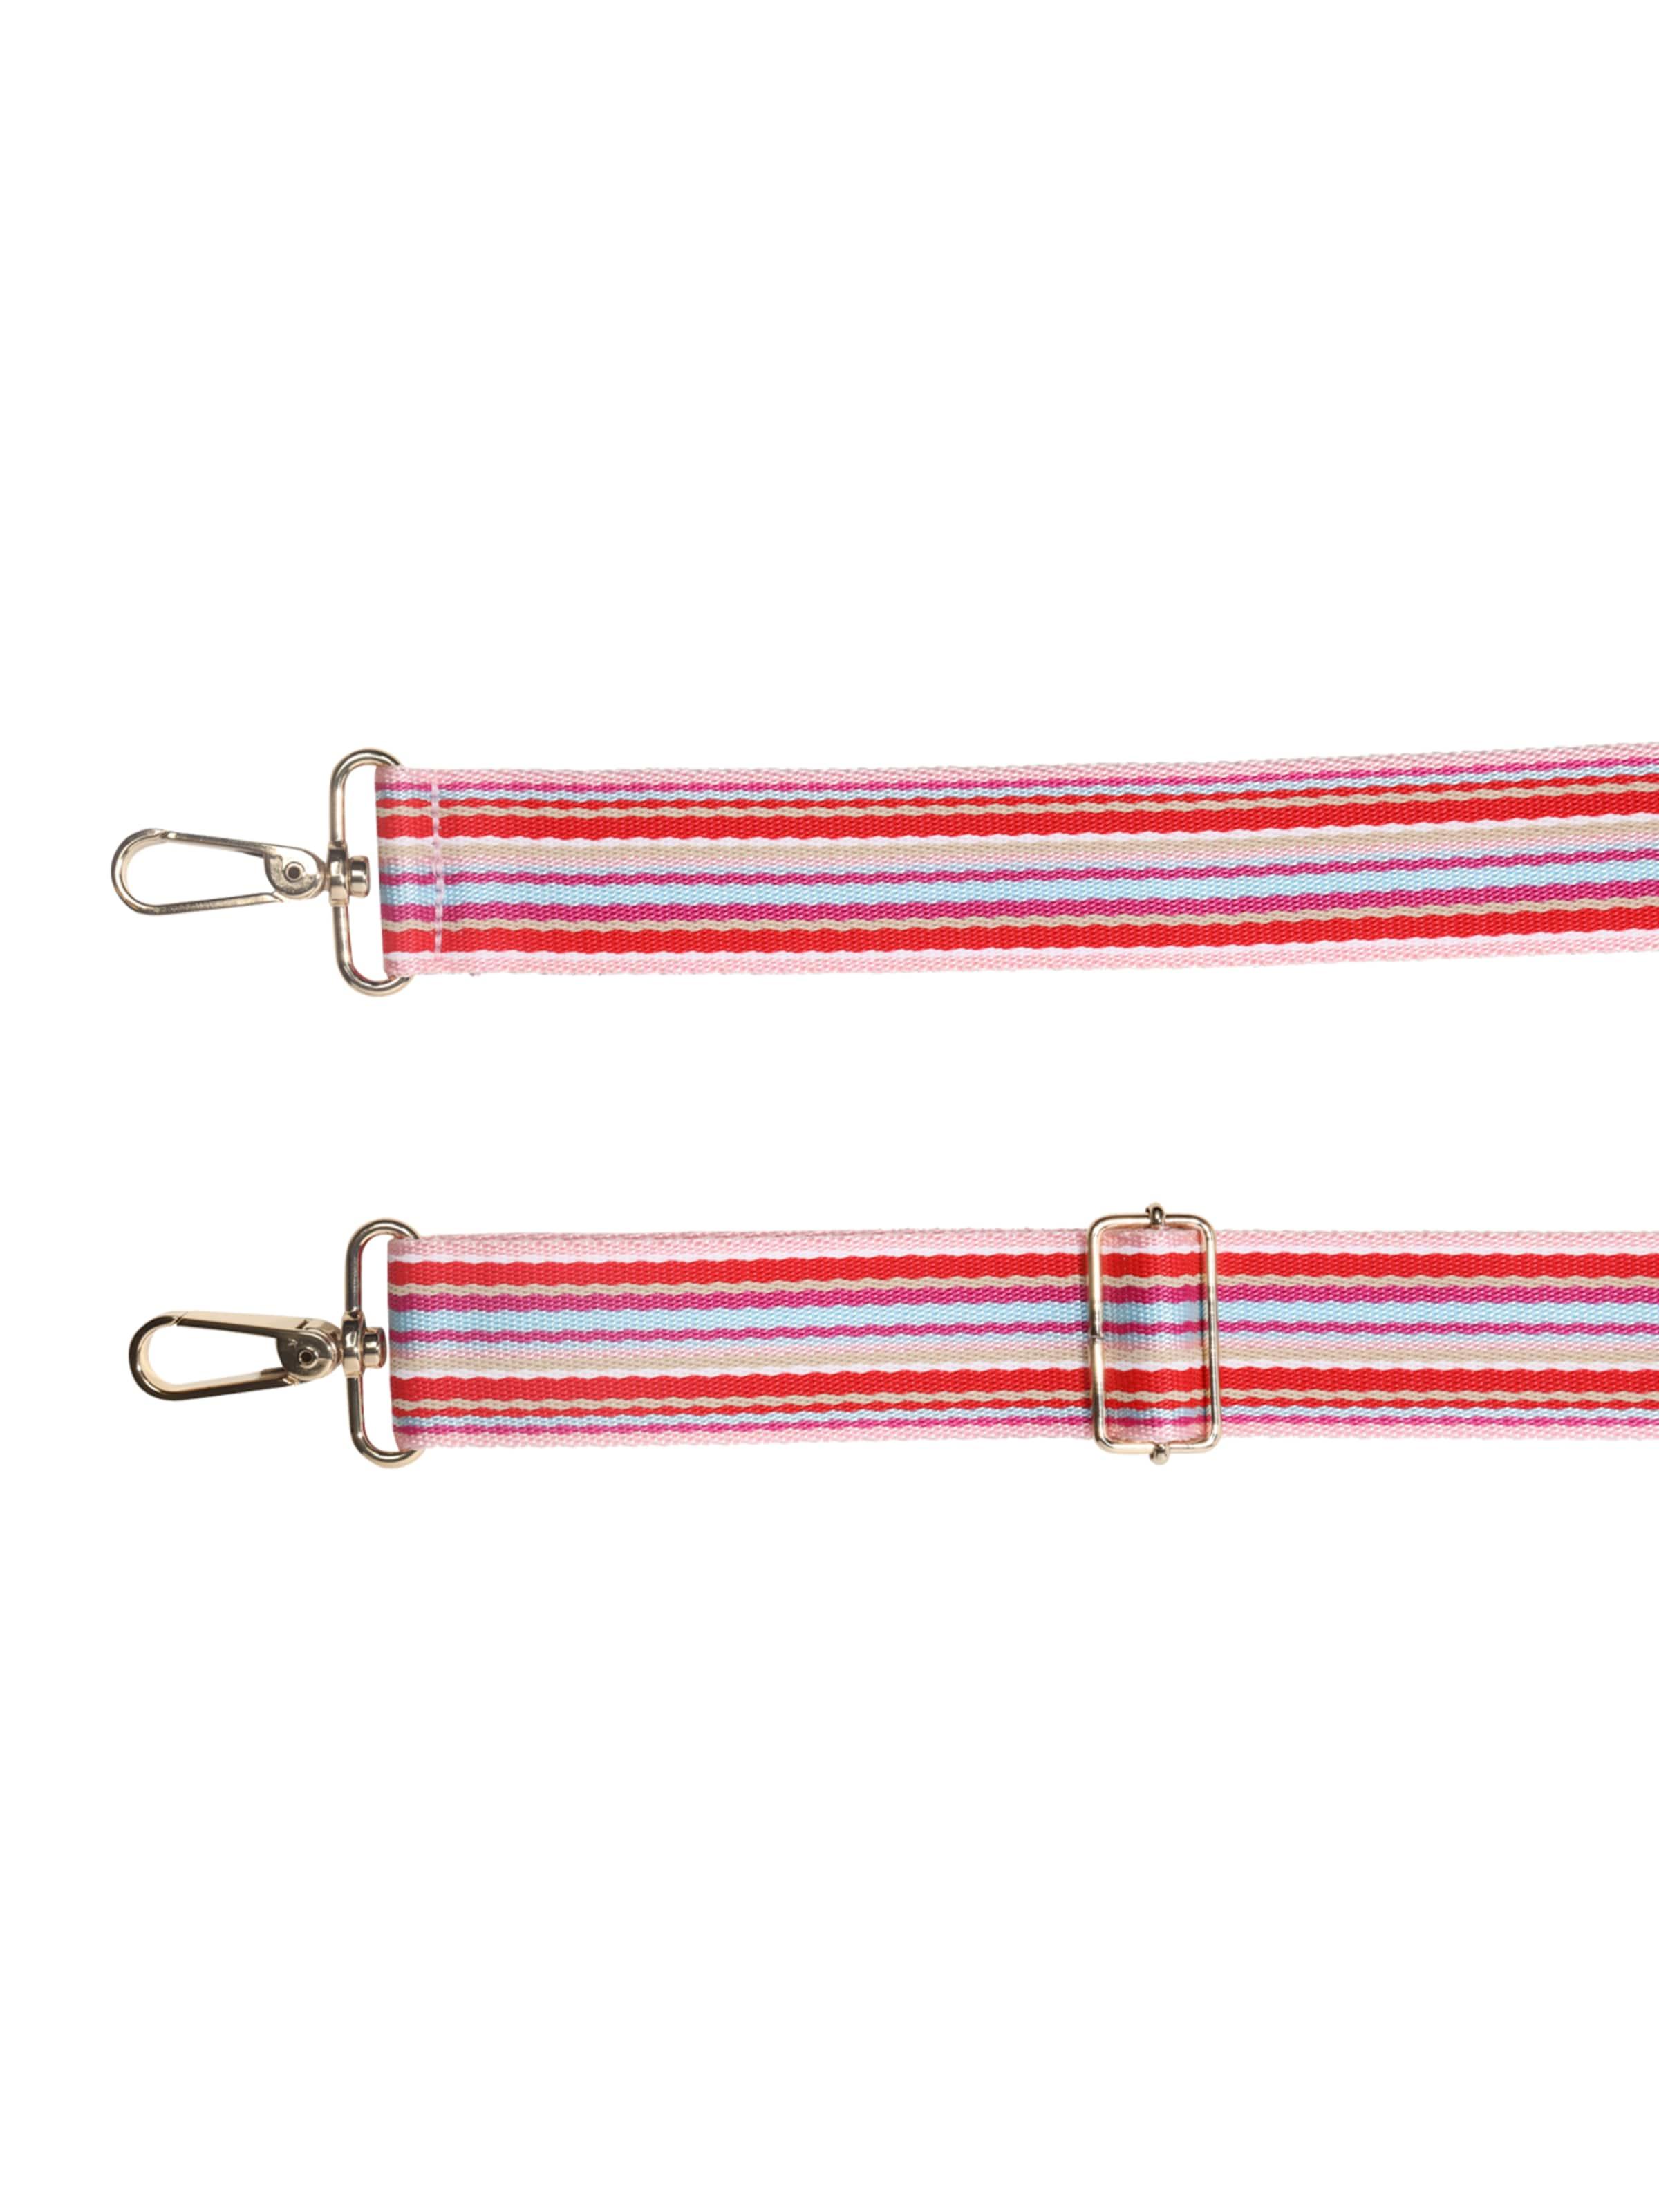 VANZETTI Textil-Taschengurt mit Streifen Outlet Großer Rabatt Großhandel Qualität kAdmIGD1v